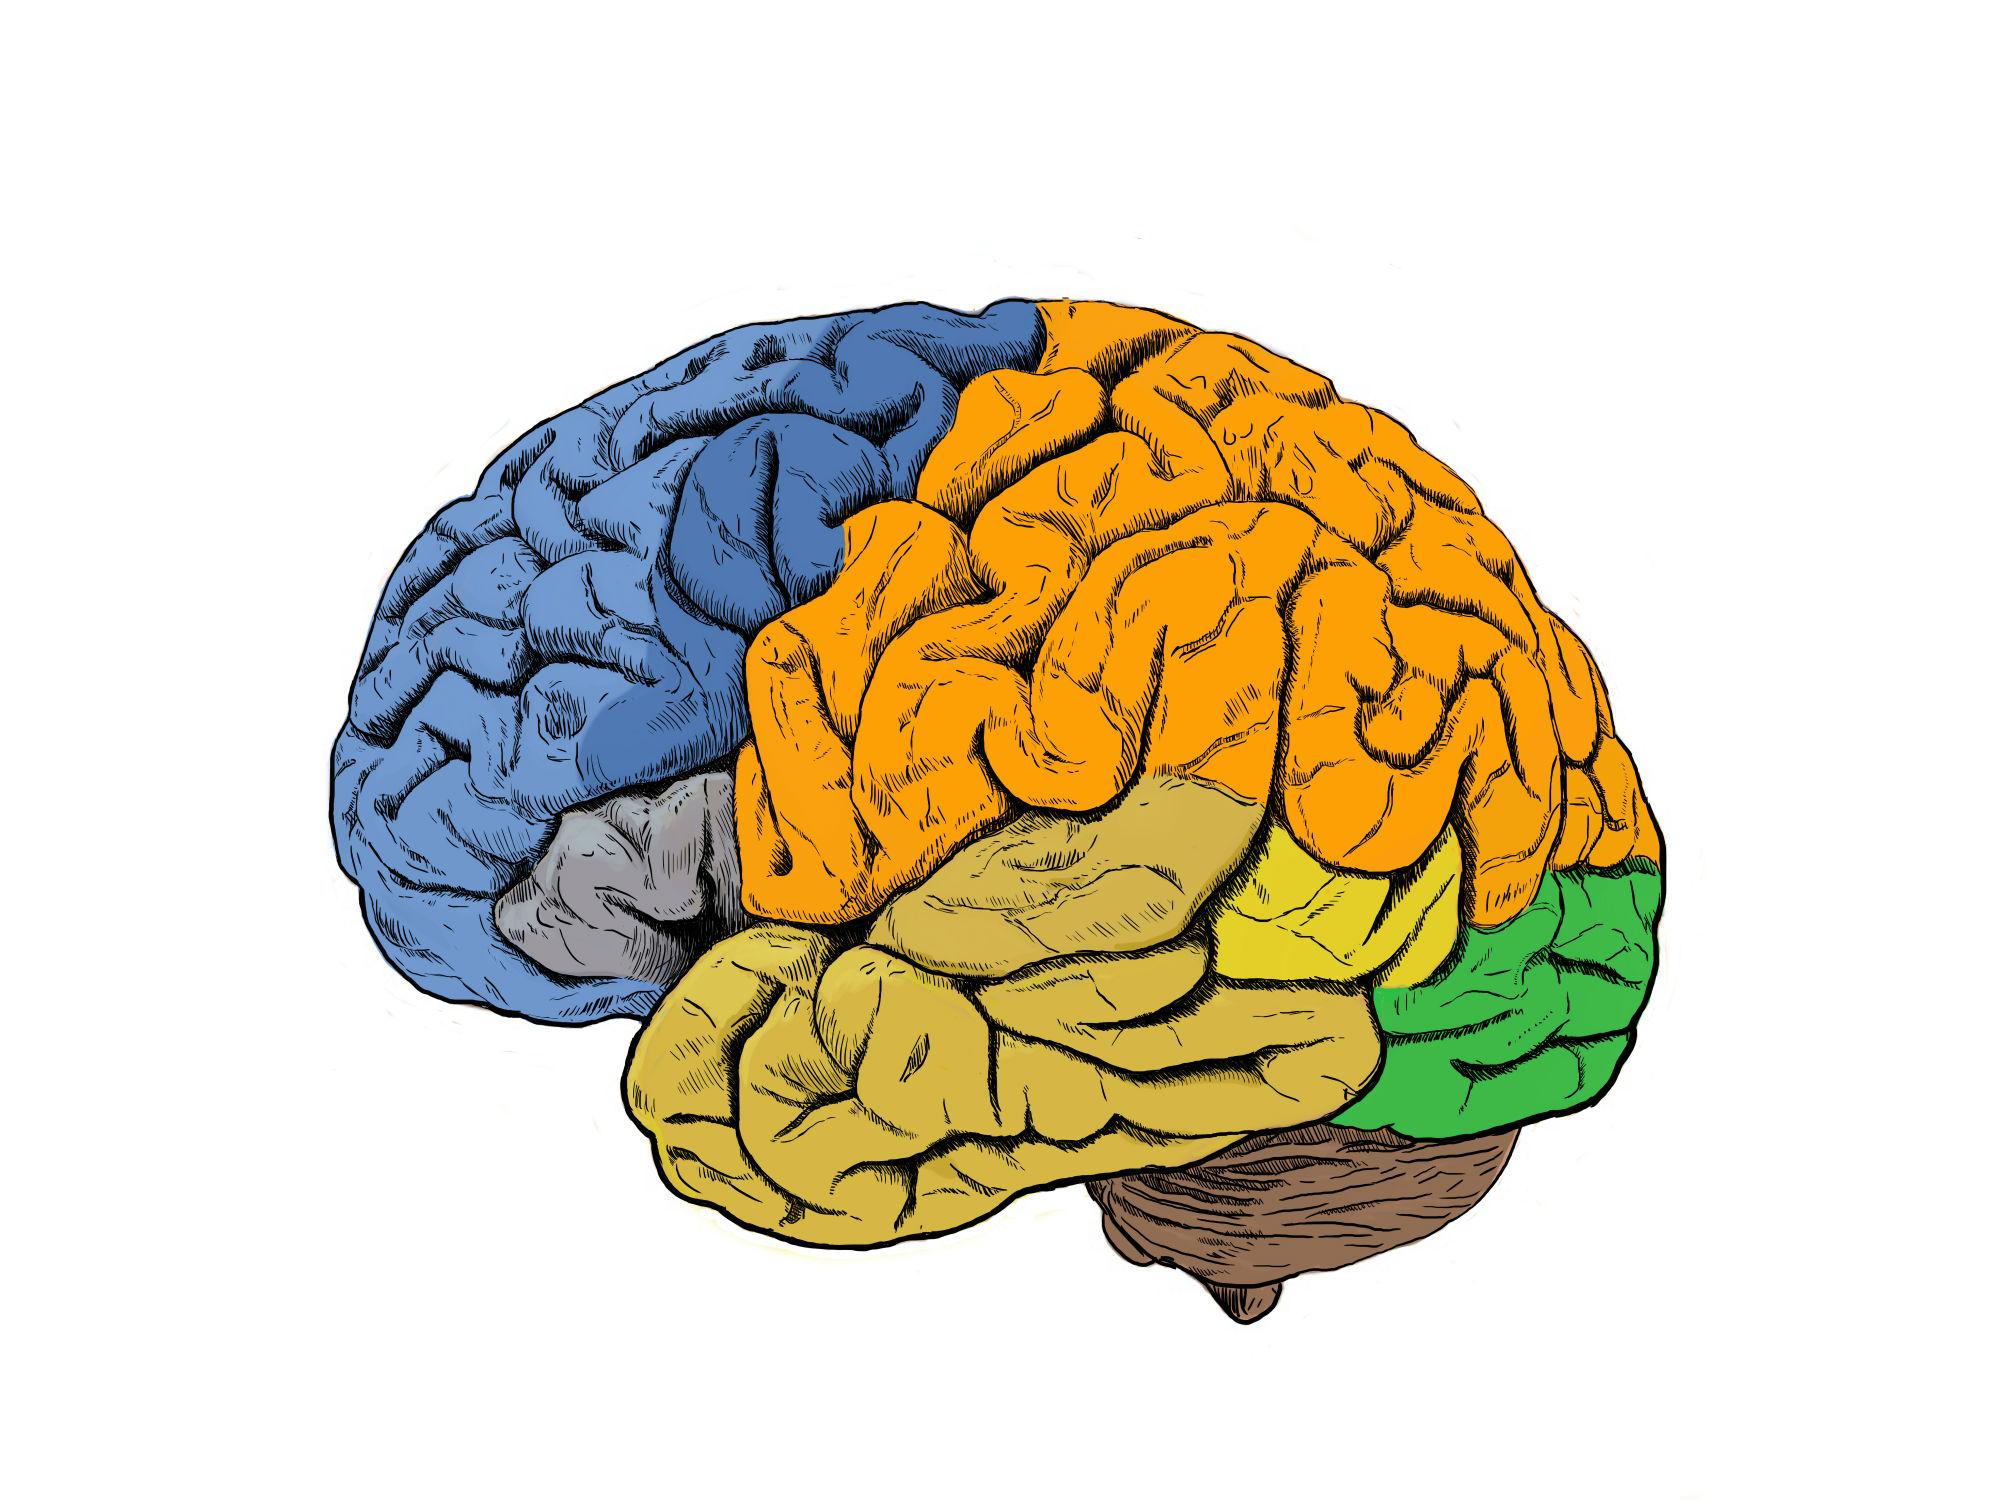 Las investigaciones se han centrado en áreas motoras (en azul oscuro) y sensoriales (en naranja) de la corteza cerebral. / CSIC